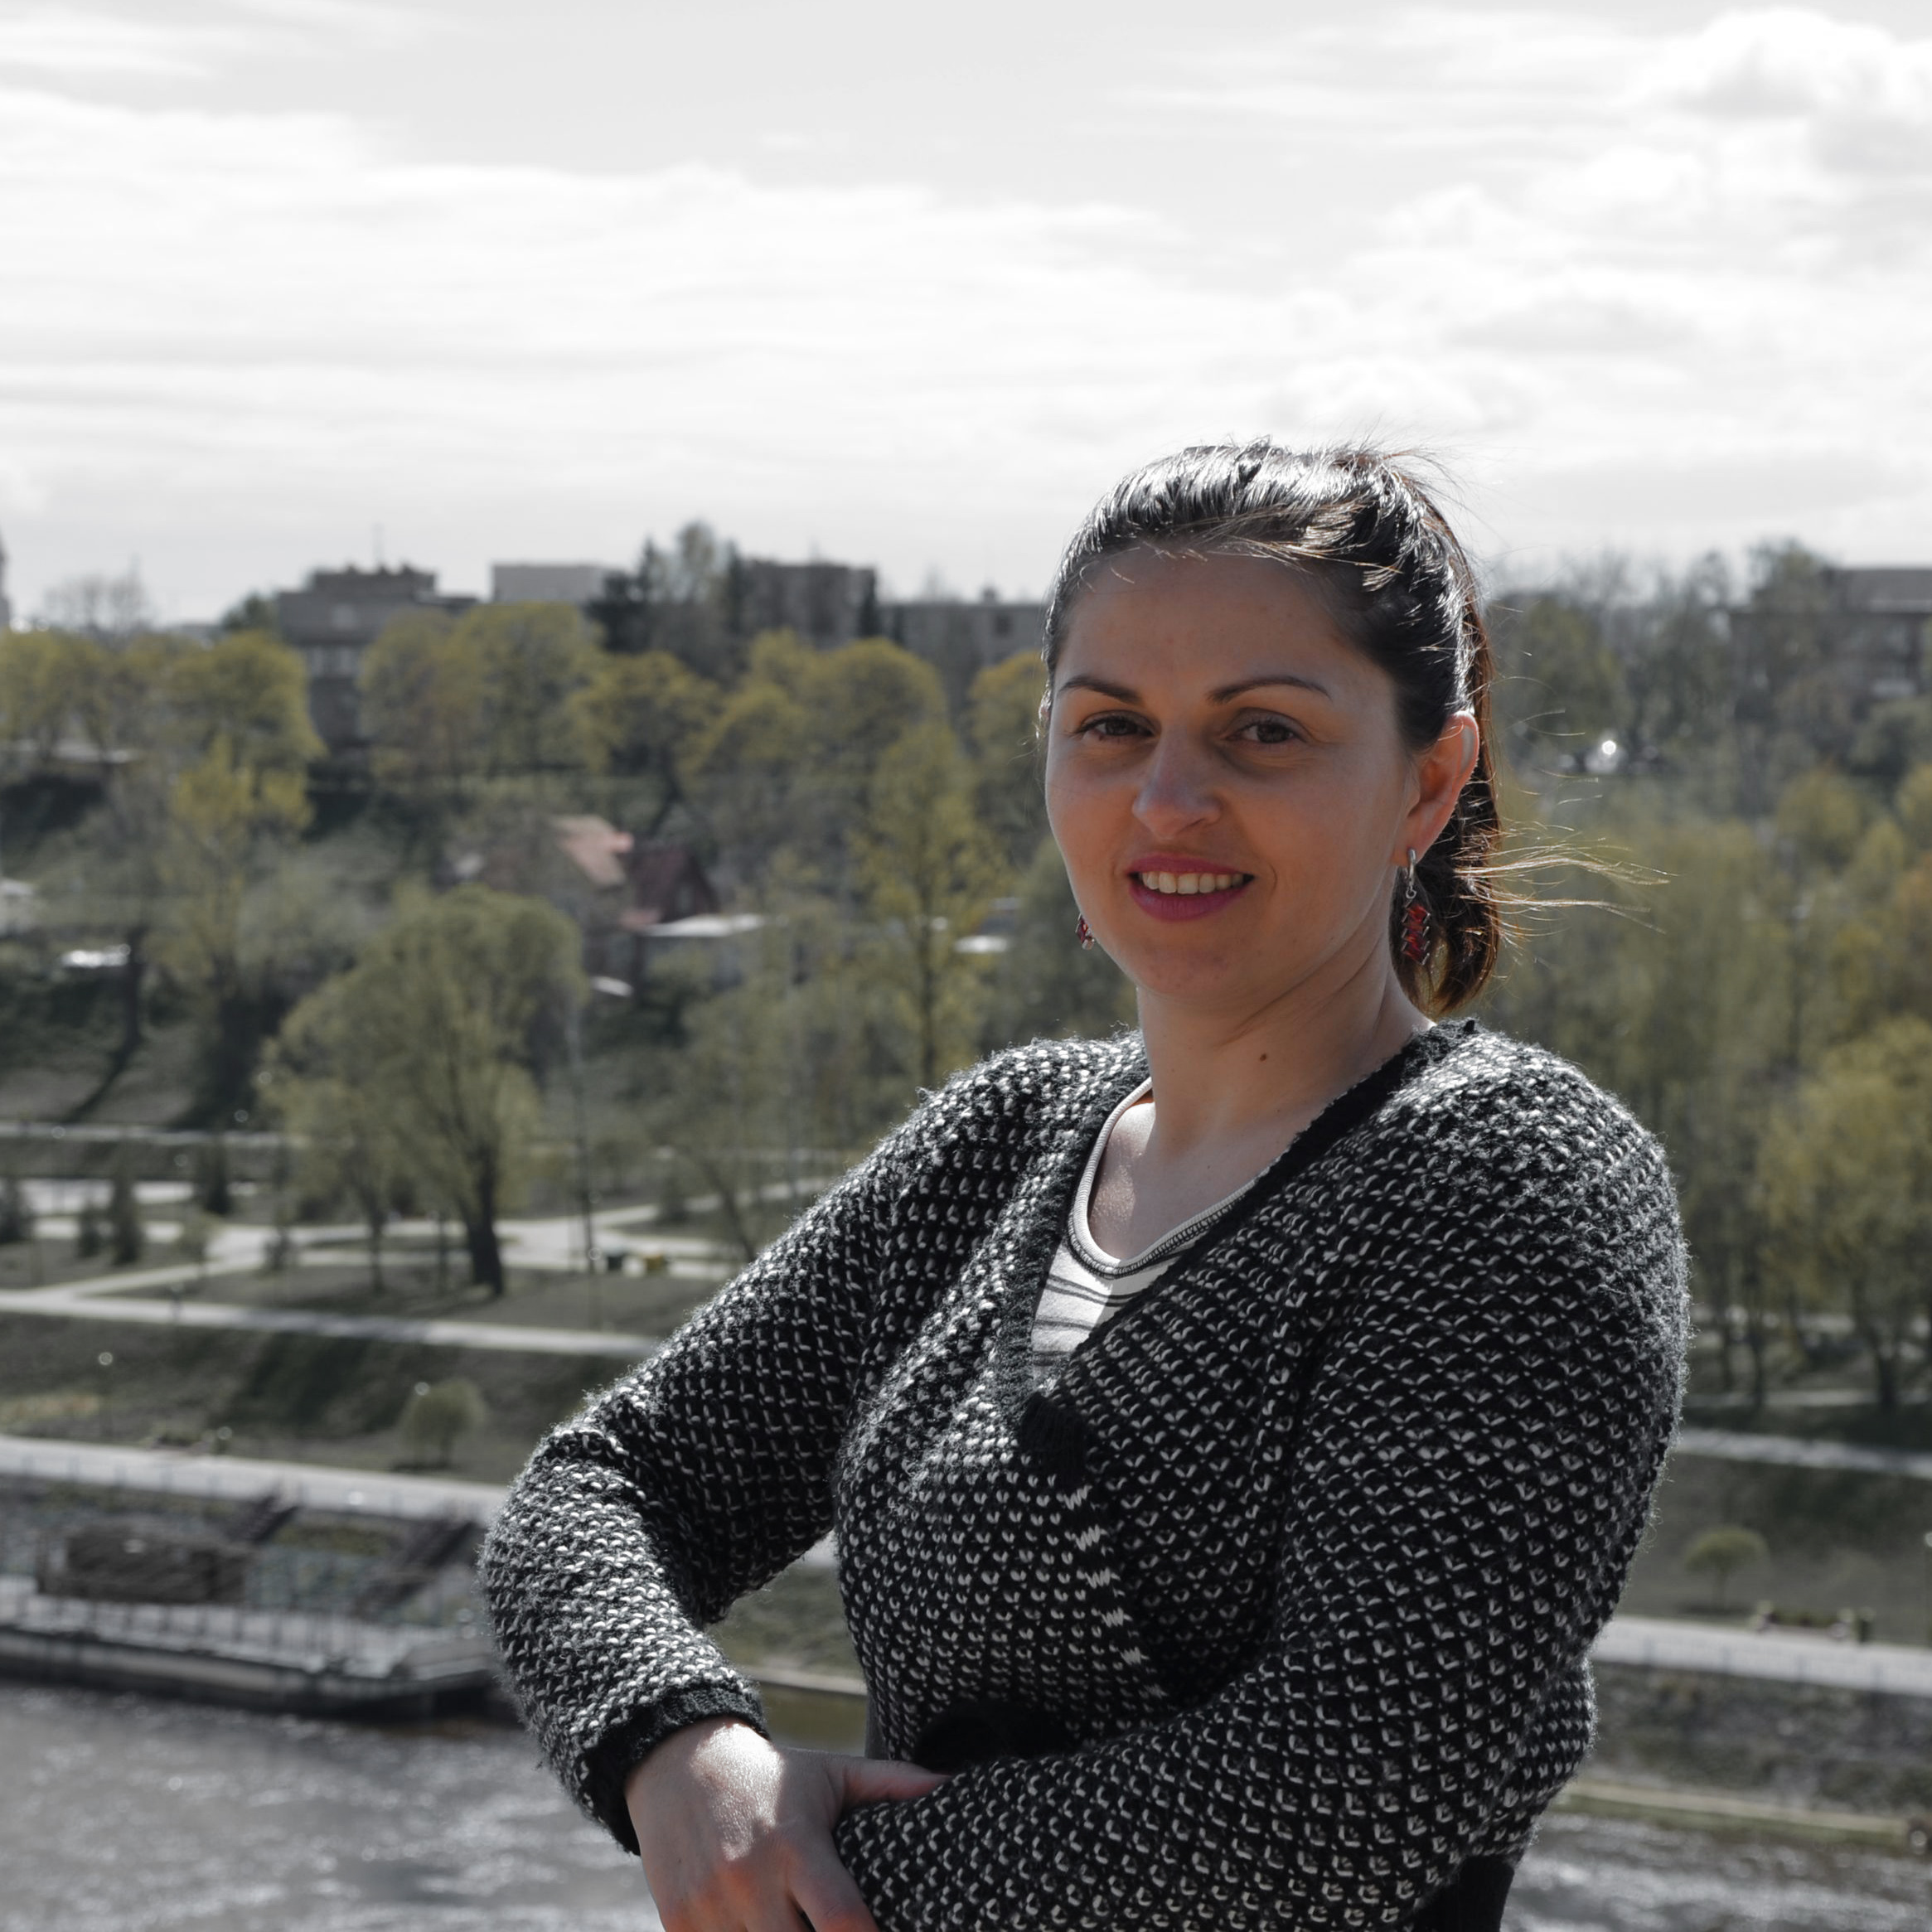 Renata Stachowicz